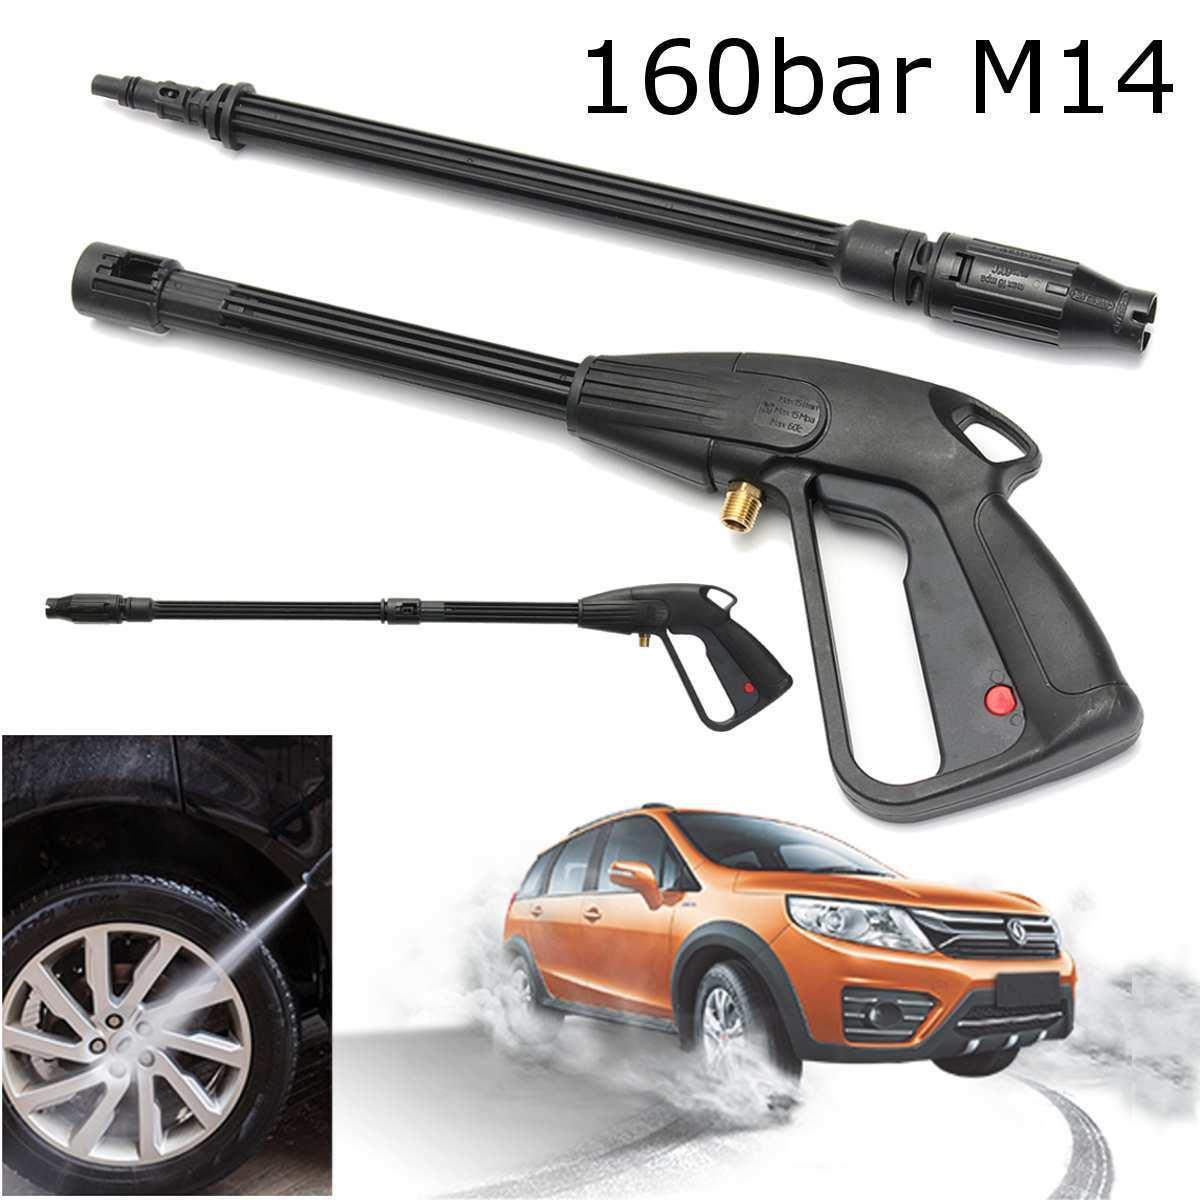 160bar M14 غسالة الضغط العالي بنادق الرش غسيل السيارات تنظيف انس العصا كيت Y200106